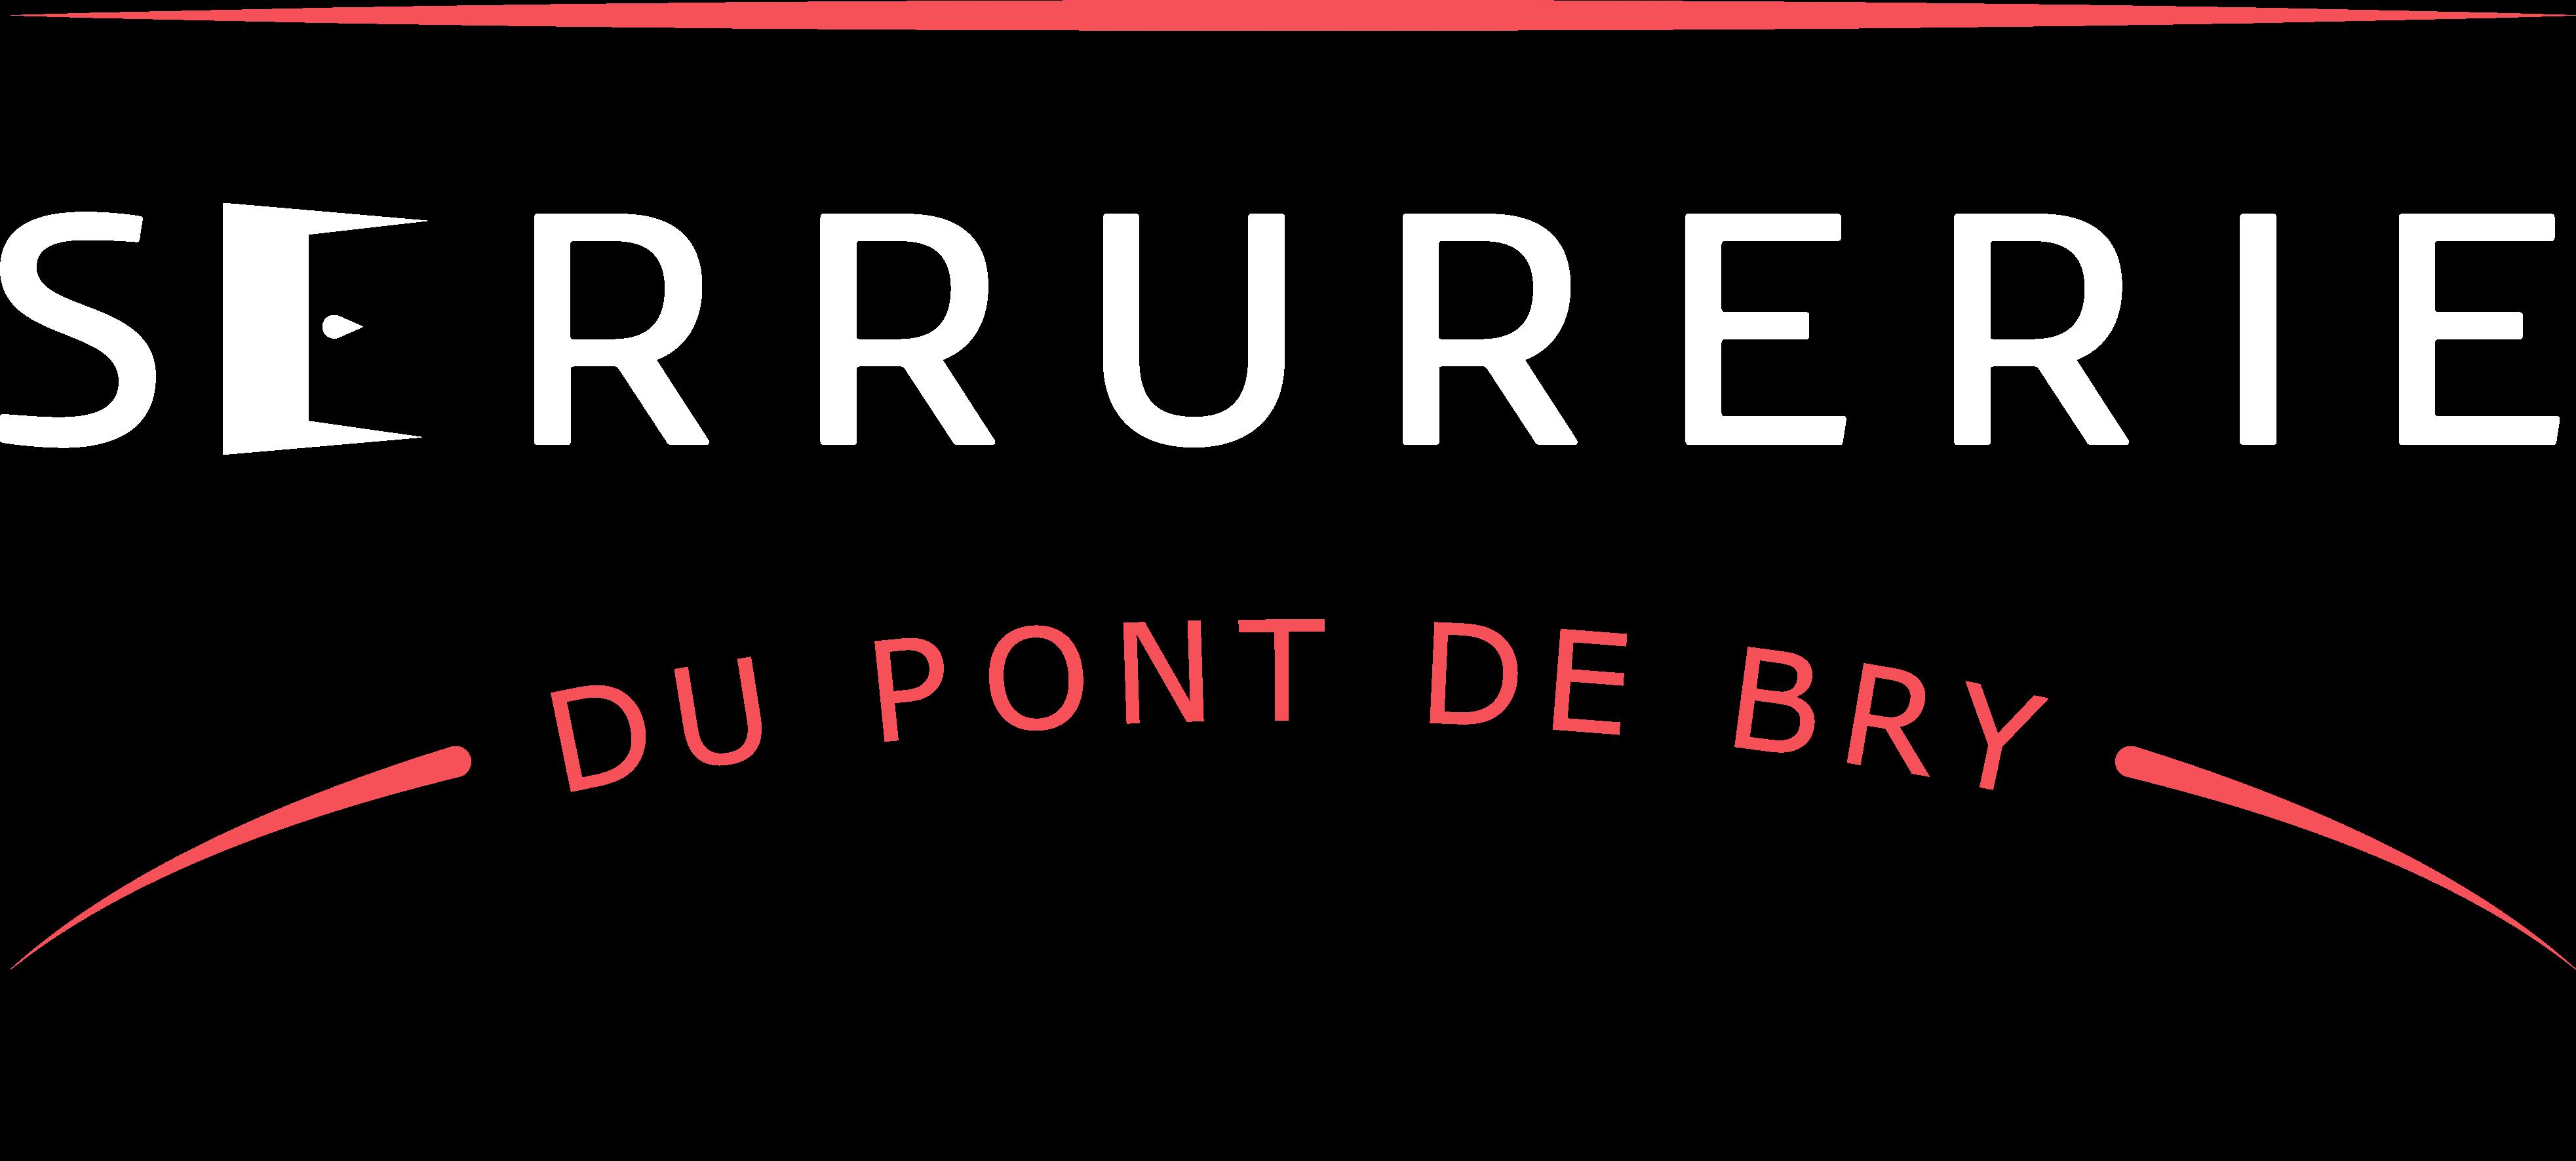 Serrurerie du Pont de Bry